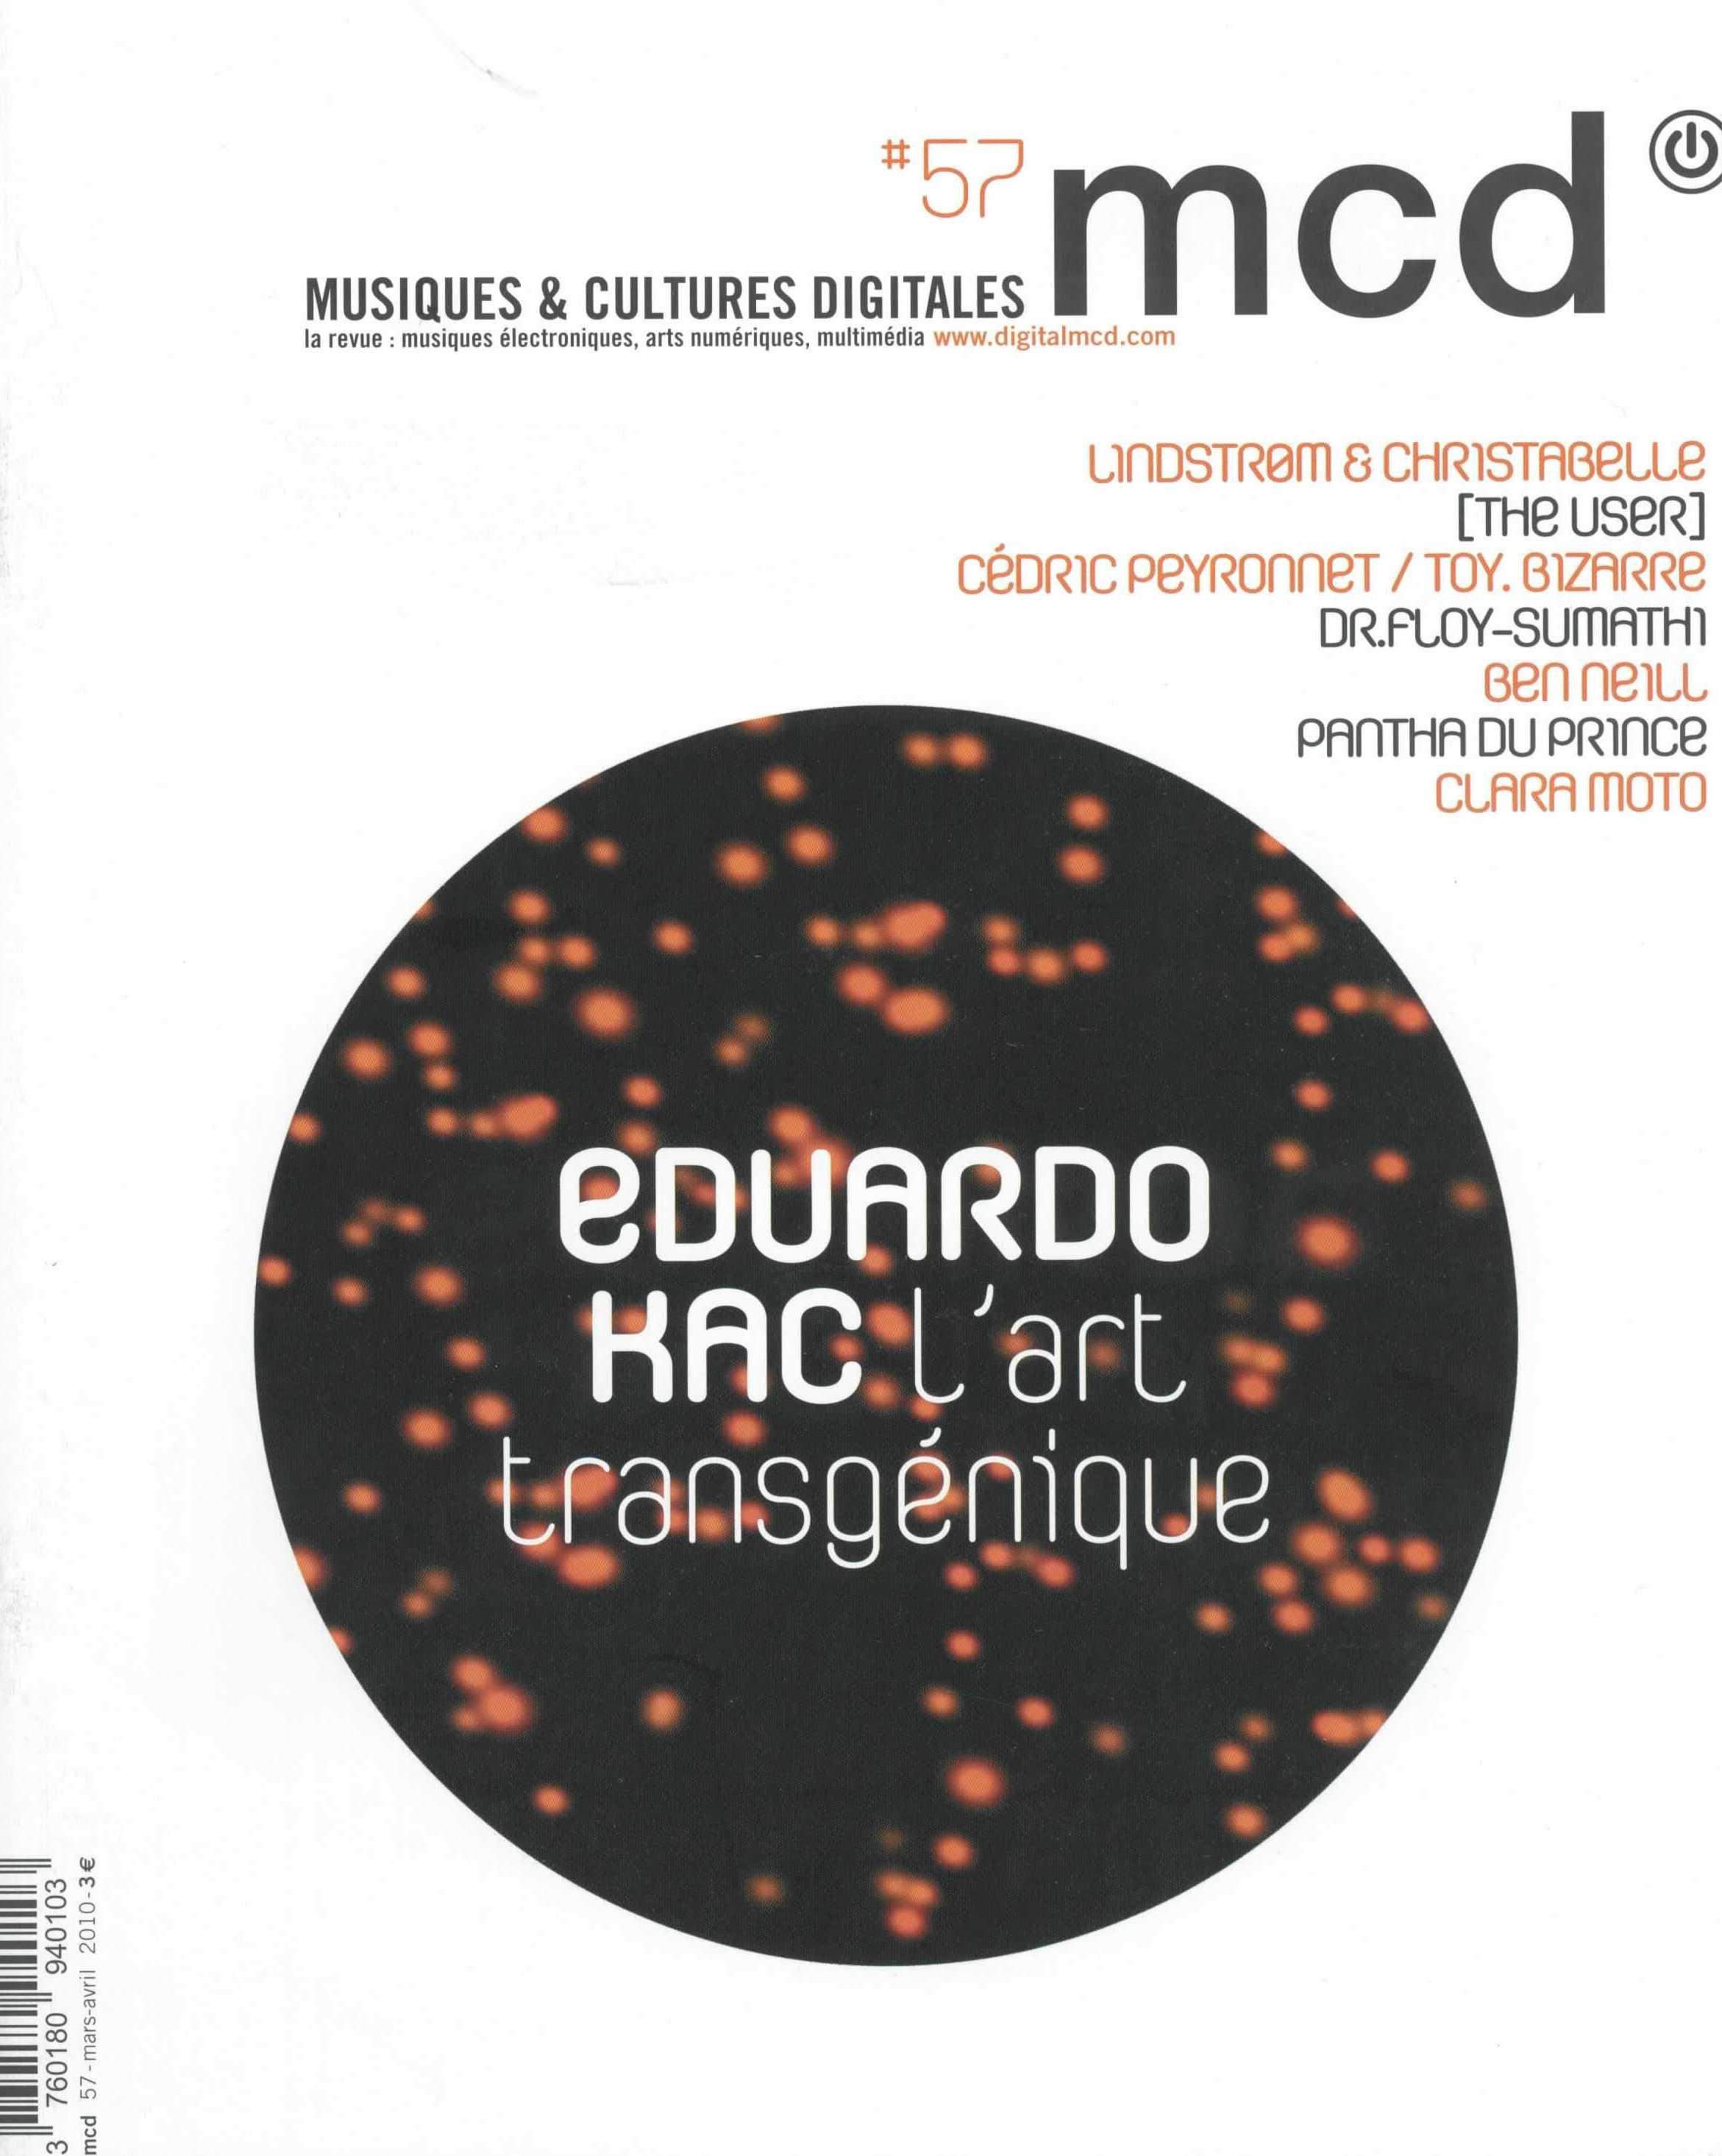 MCD N°57